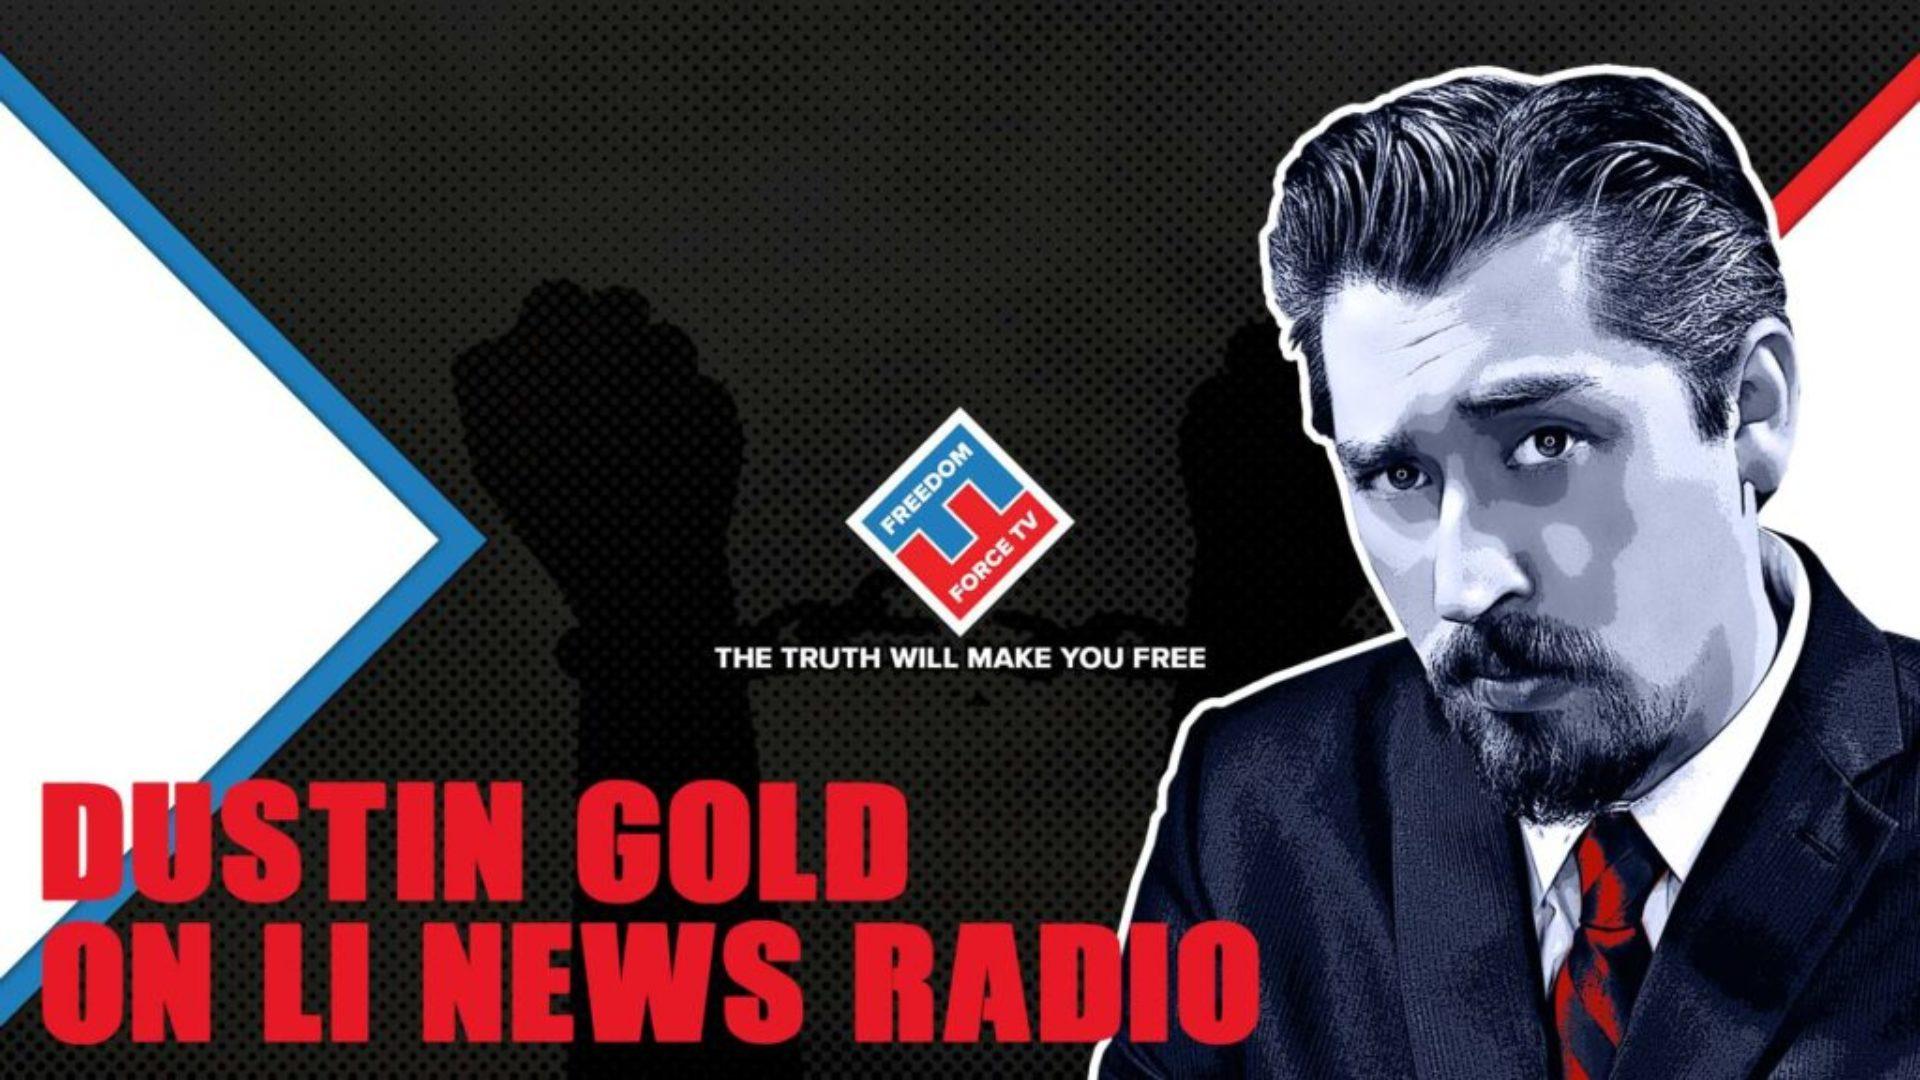 Dustin-Gold-FFTV